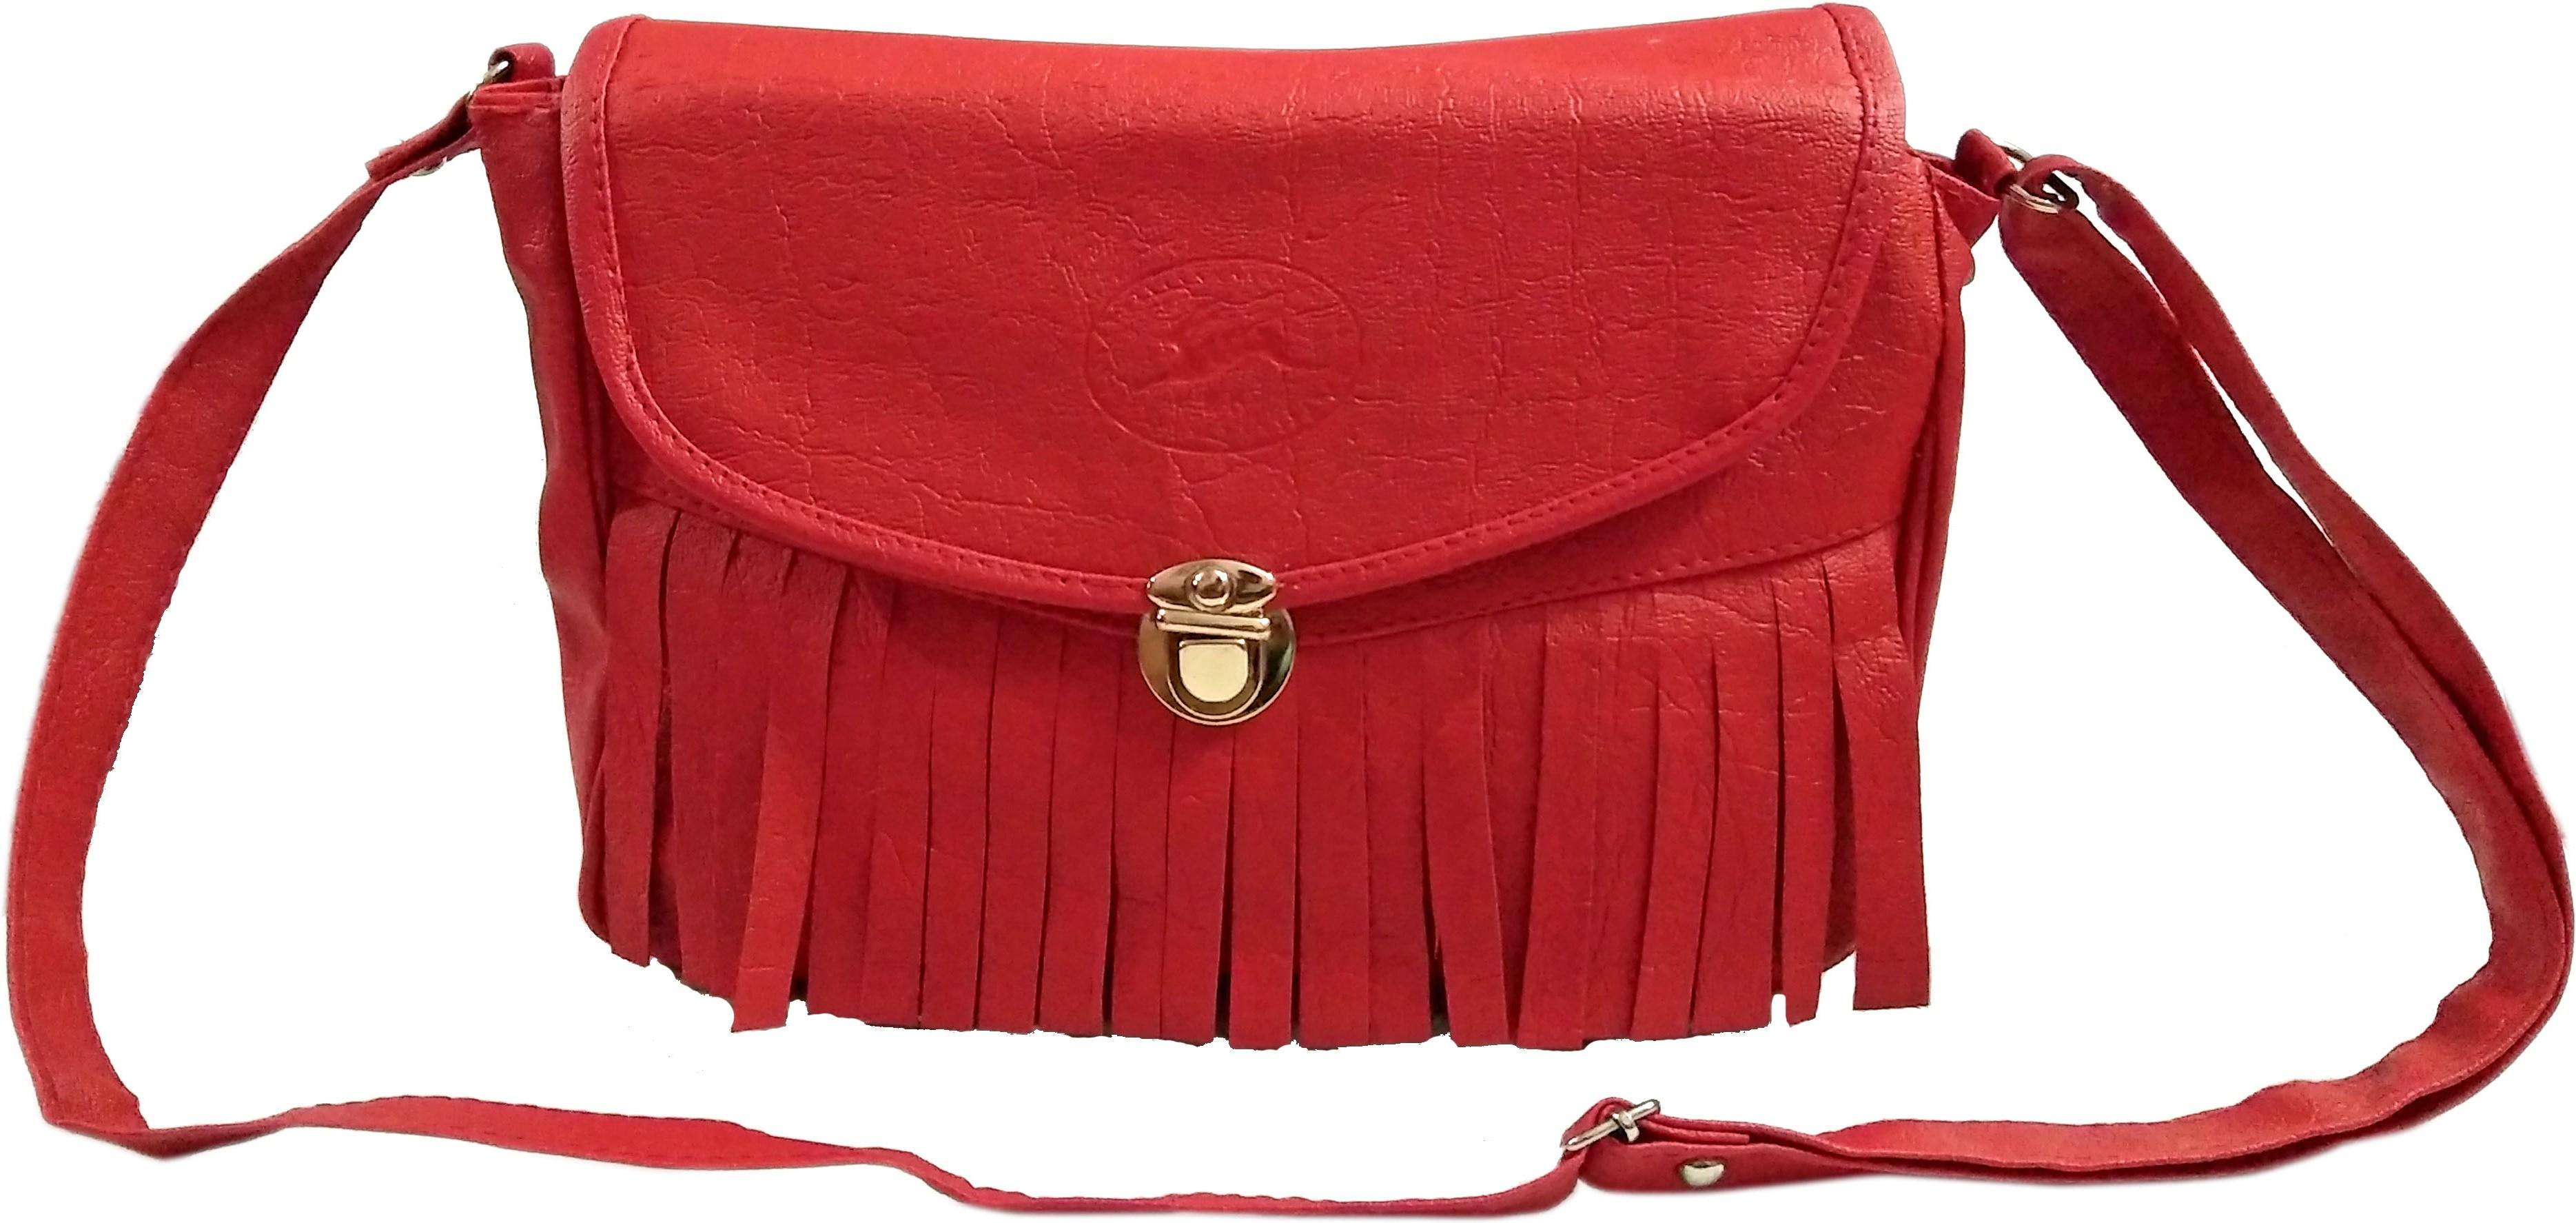 Sling bag below 500 - Madash Girls Red Leatherette Sling Bag